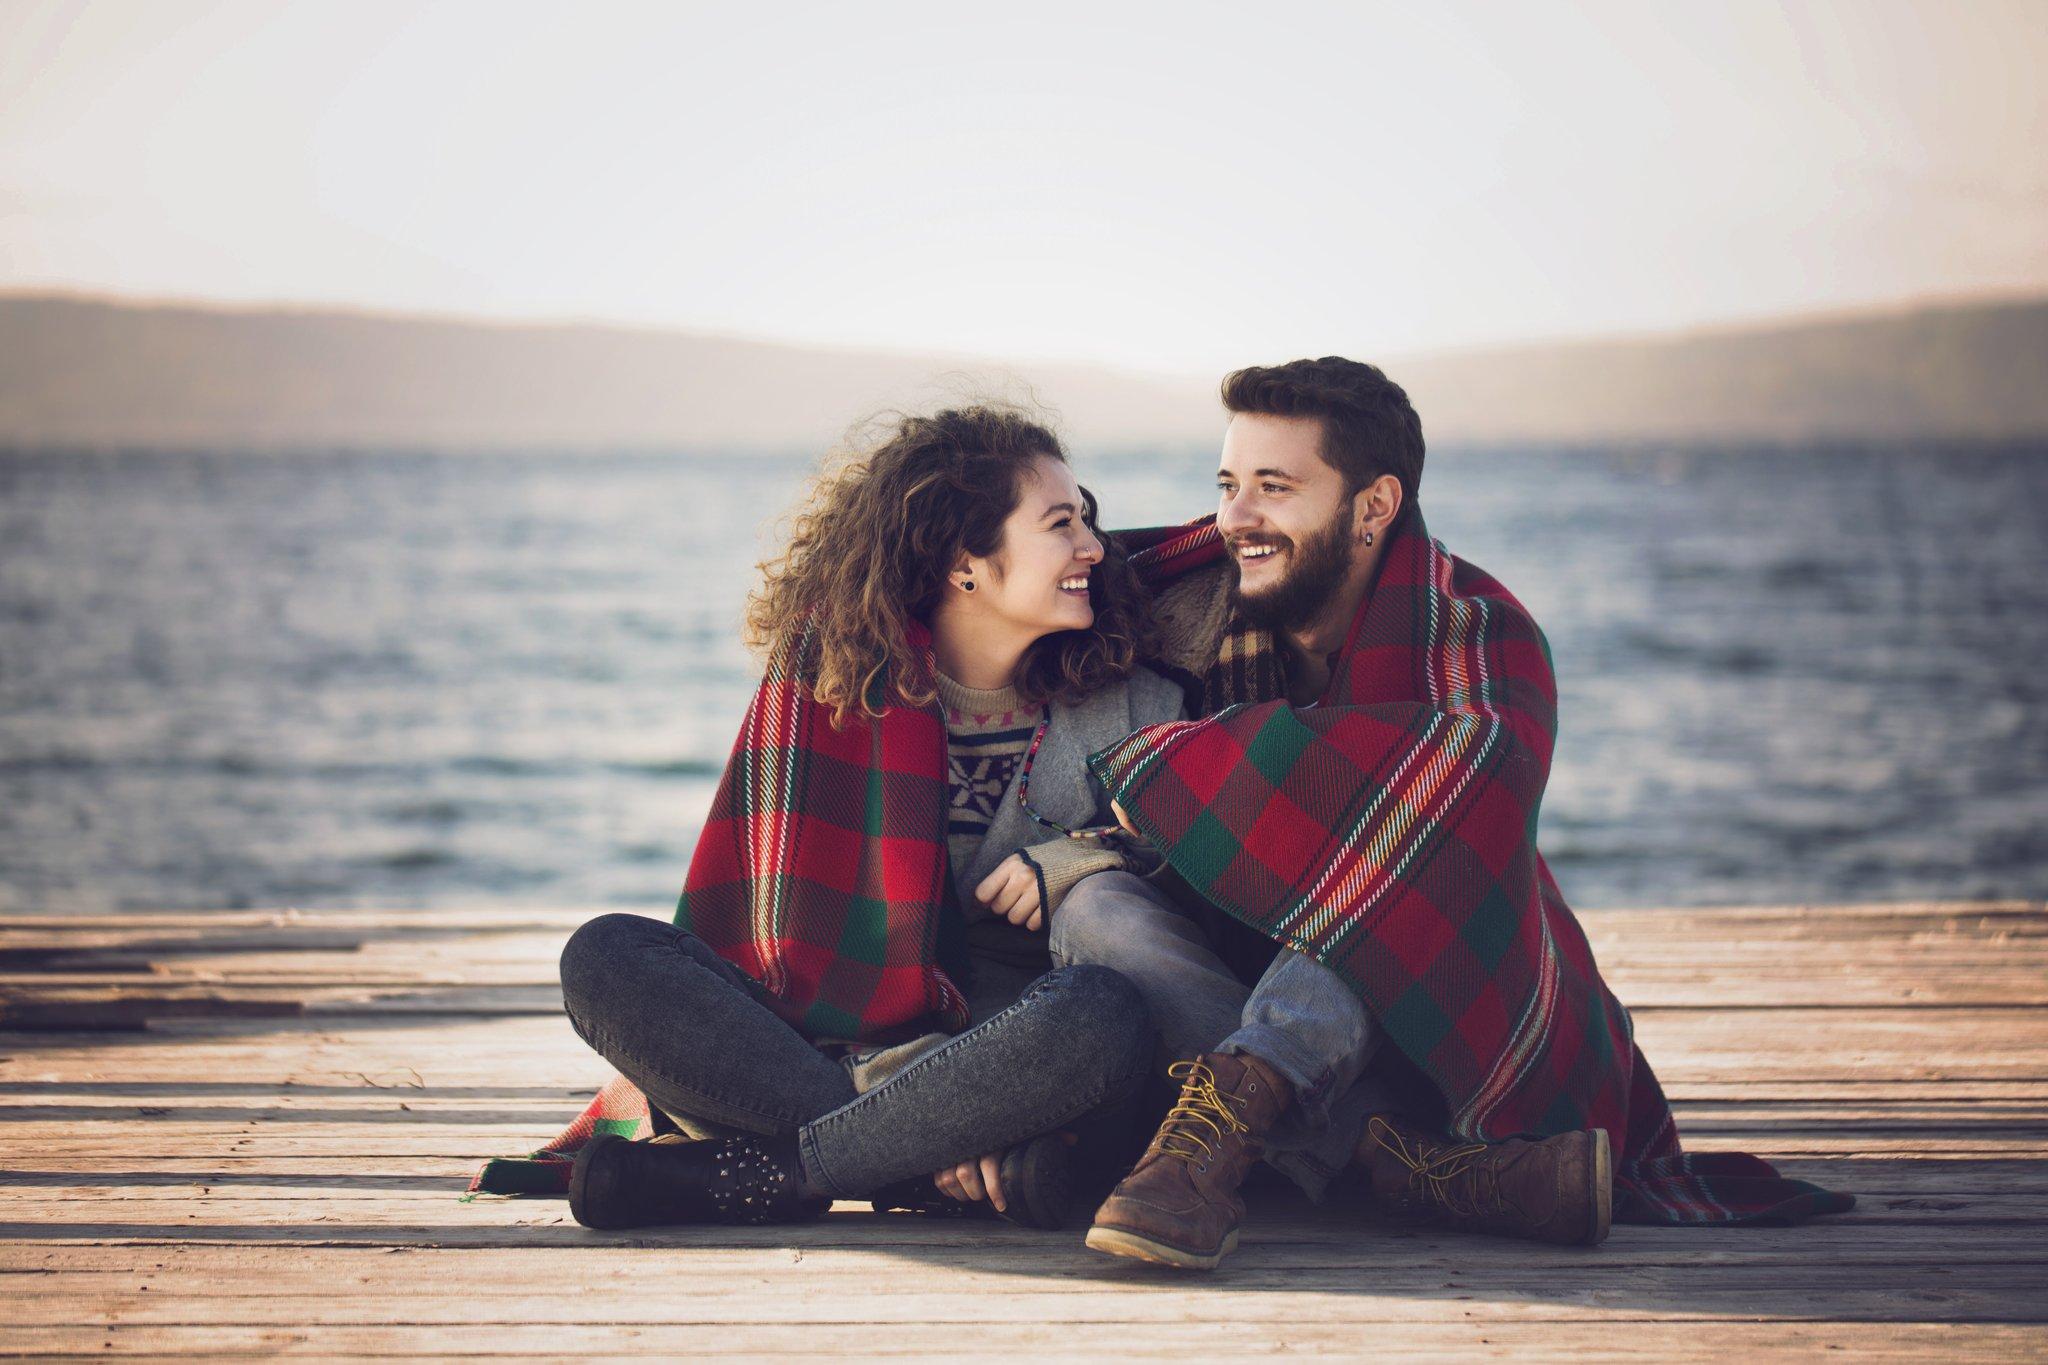 بالصور صور حب و رومنسية , من اجمل المشاعر الحب والرومانسيه 3904 2